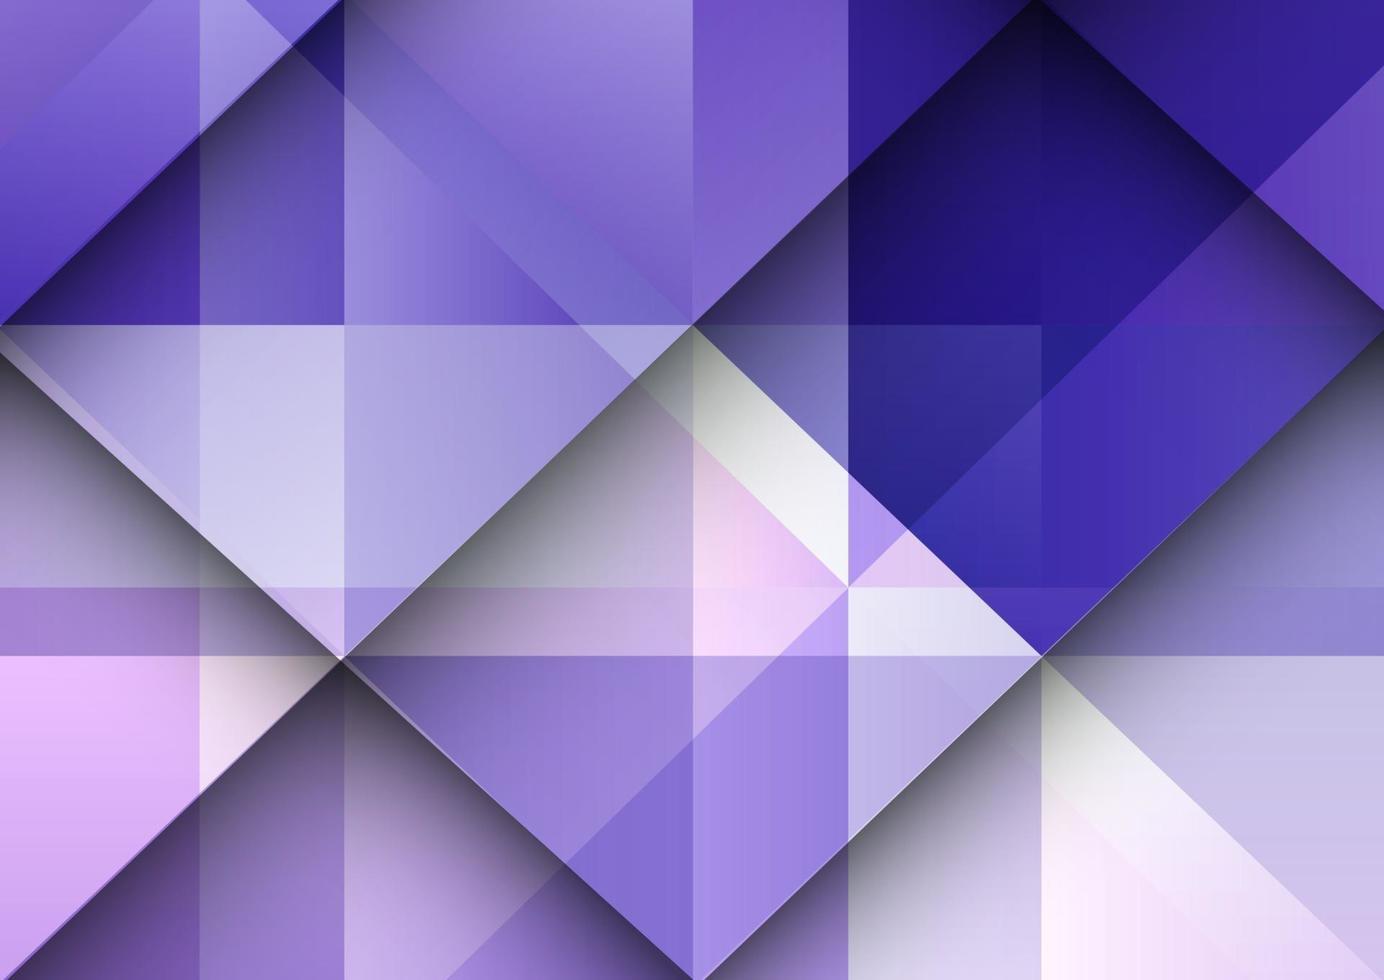 conception de fond géométrique abstrait vecteur